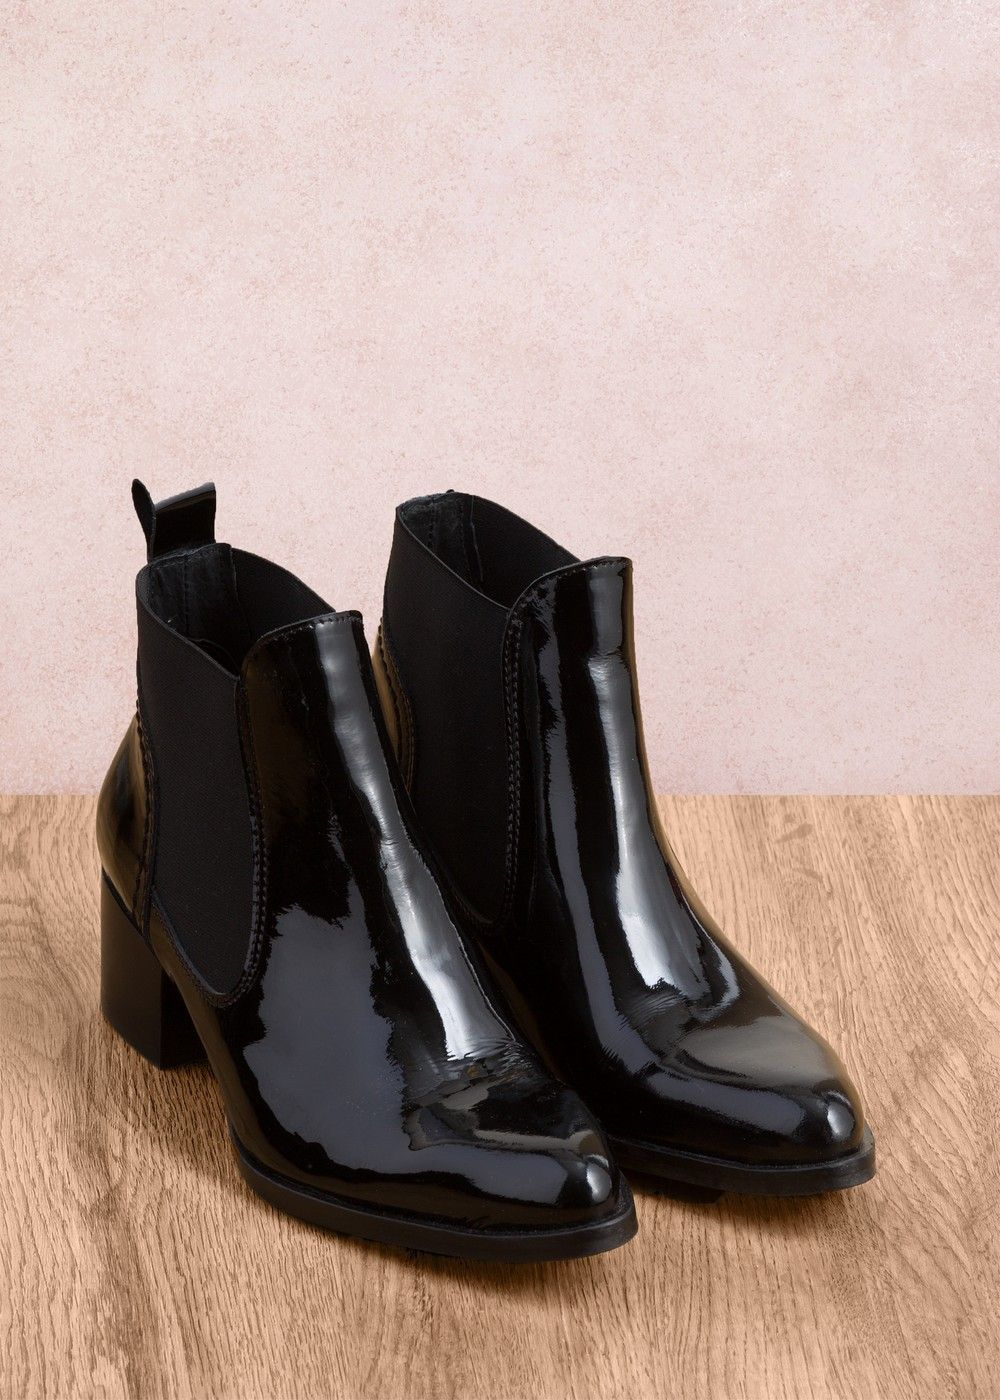 3cc0002543f Boots vernies Noir - chaussure Femme - La Fée Maraboutée